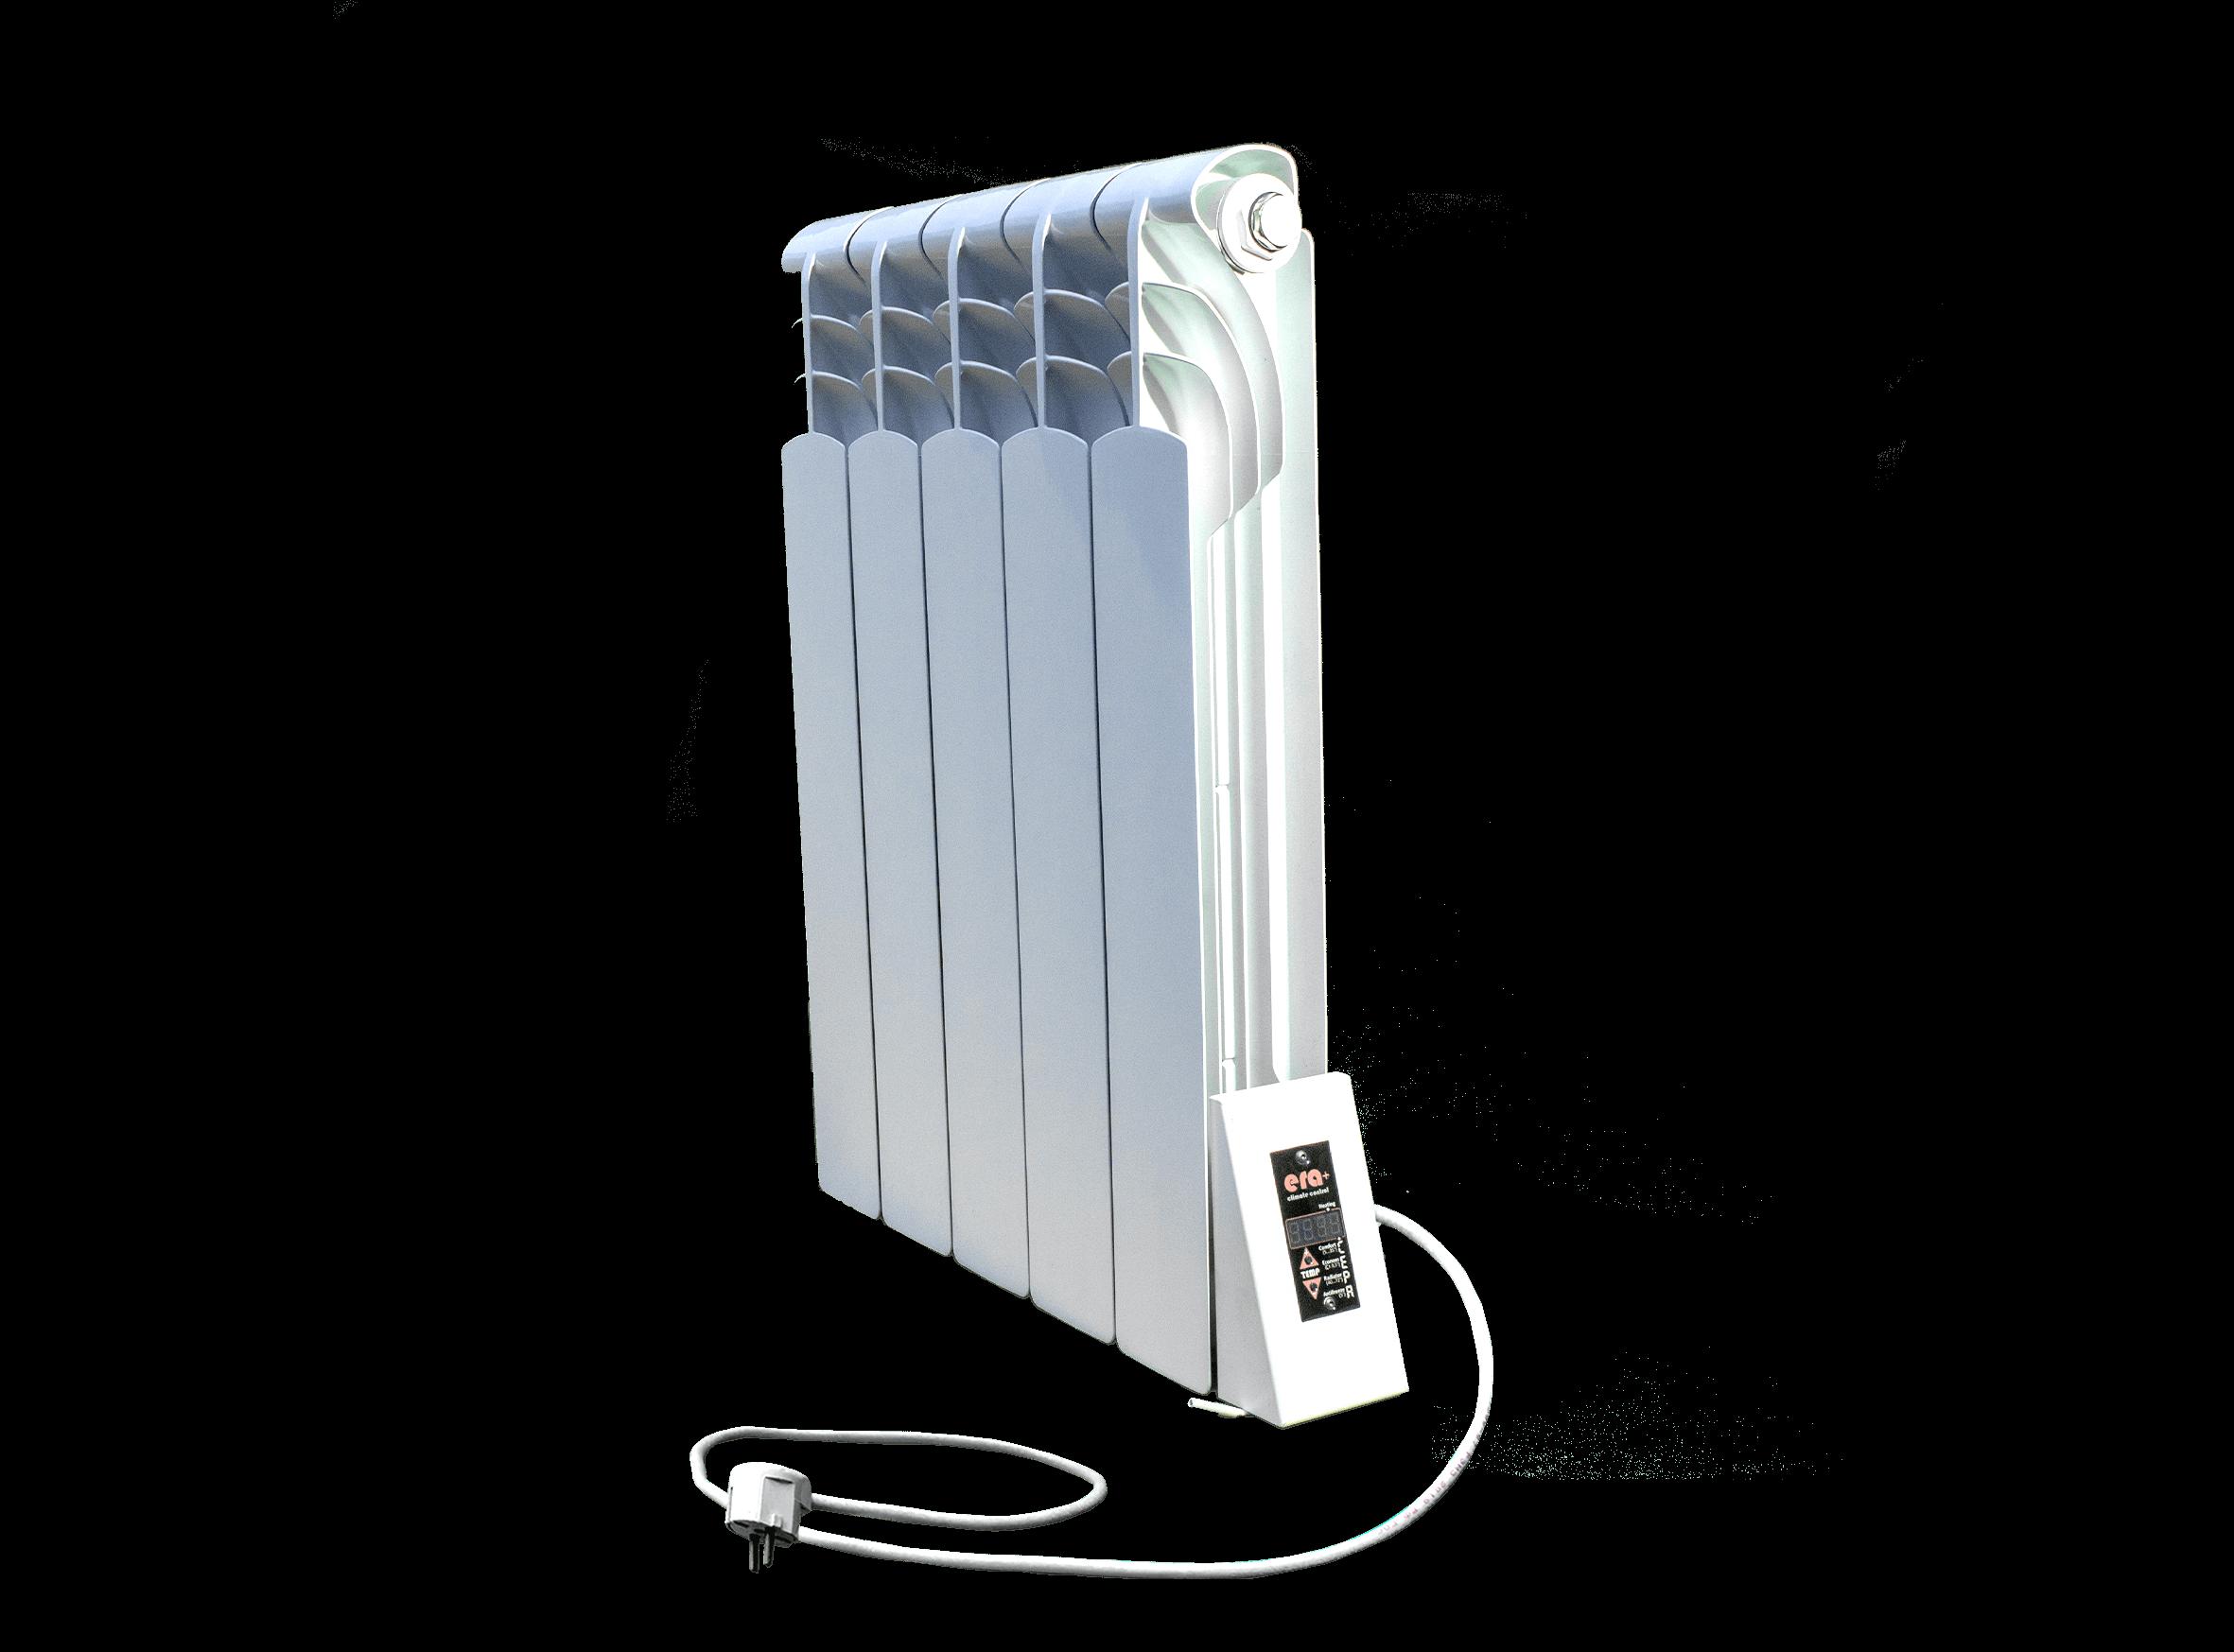 Купить электрические батареи с полным электрическим контролем